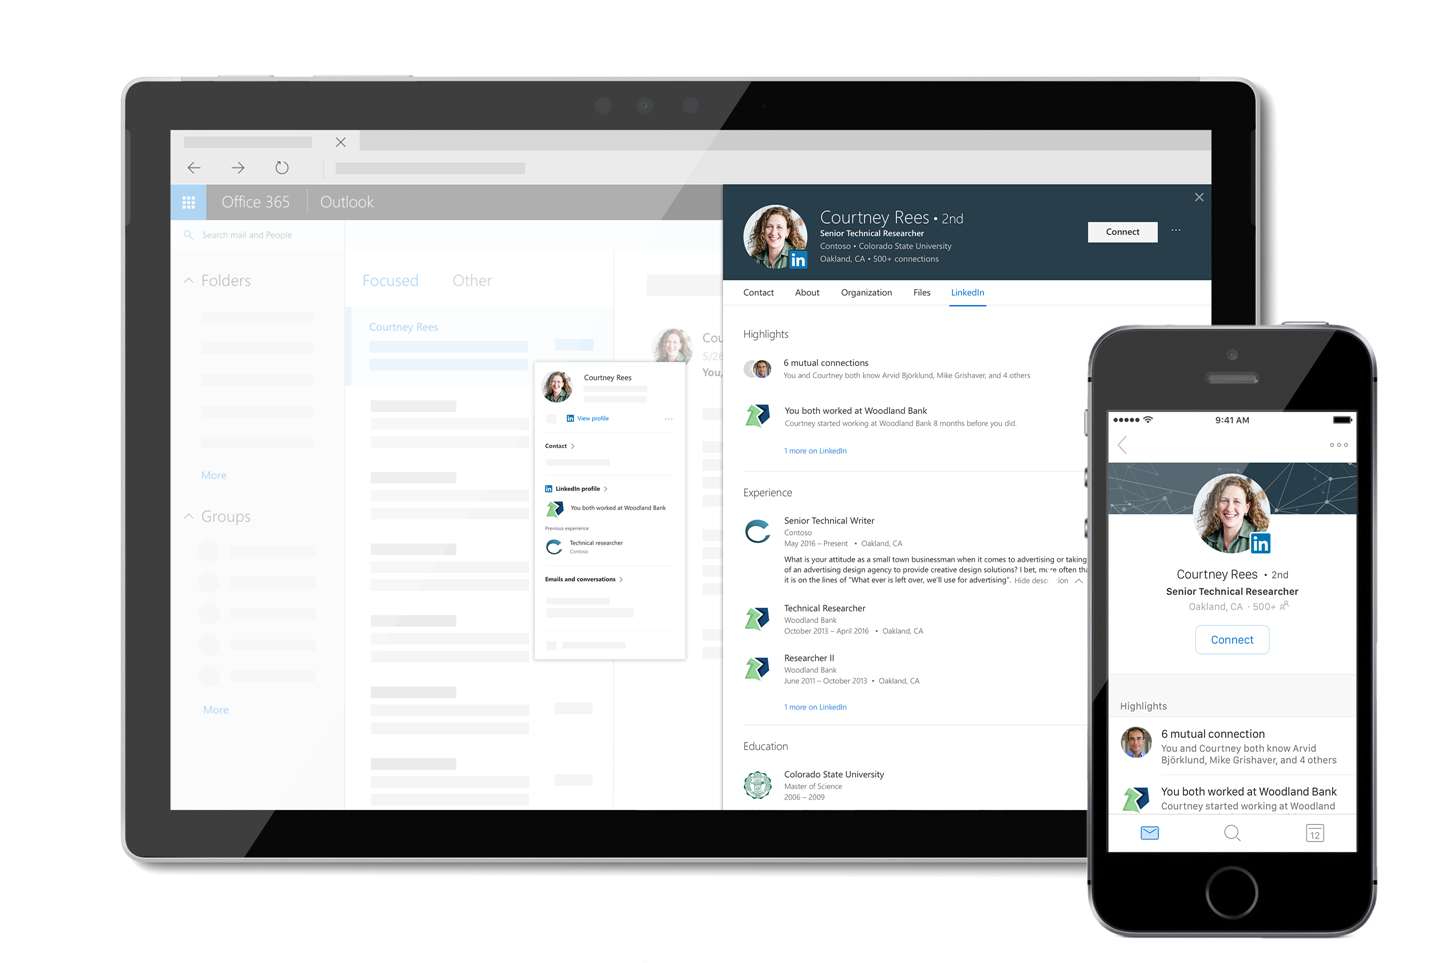 LinkedIn trong ứng dụng Microsoft của bạn